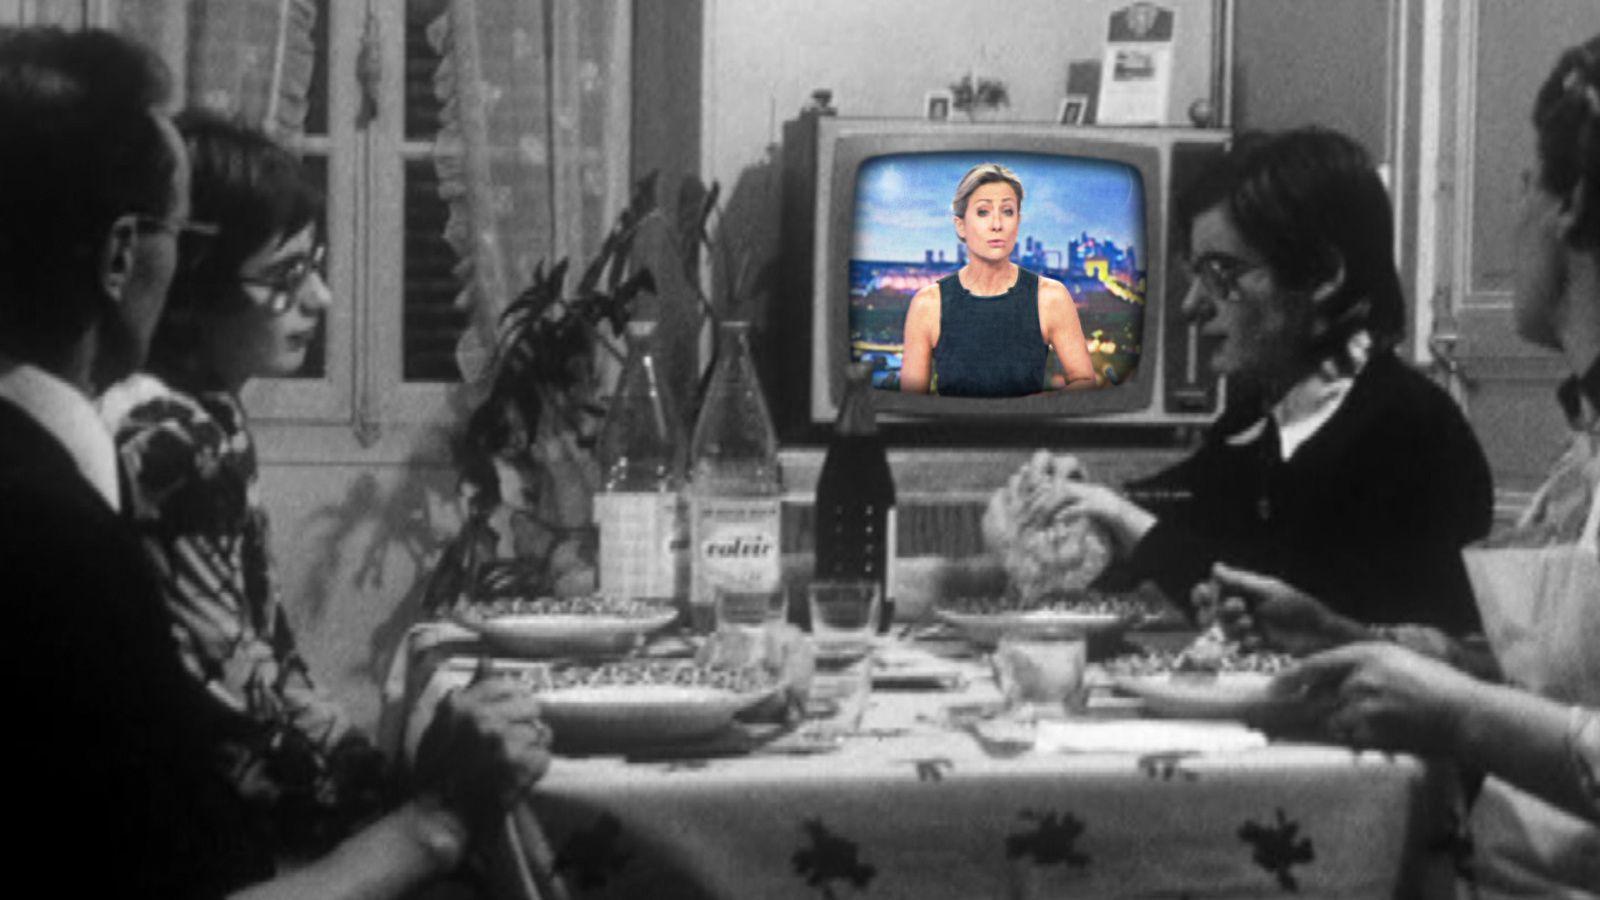 Série documentaire JT'm : revivez 70 ans de la société française à travers son traitement au journal télé.